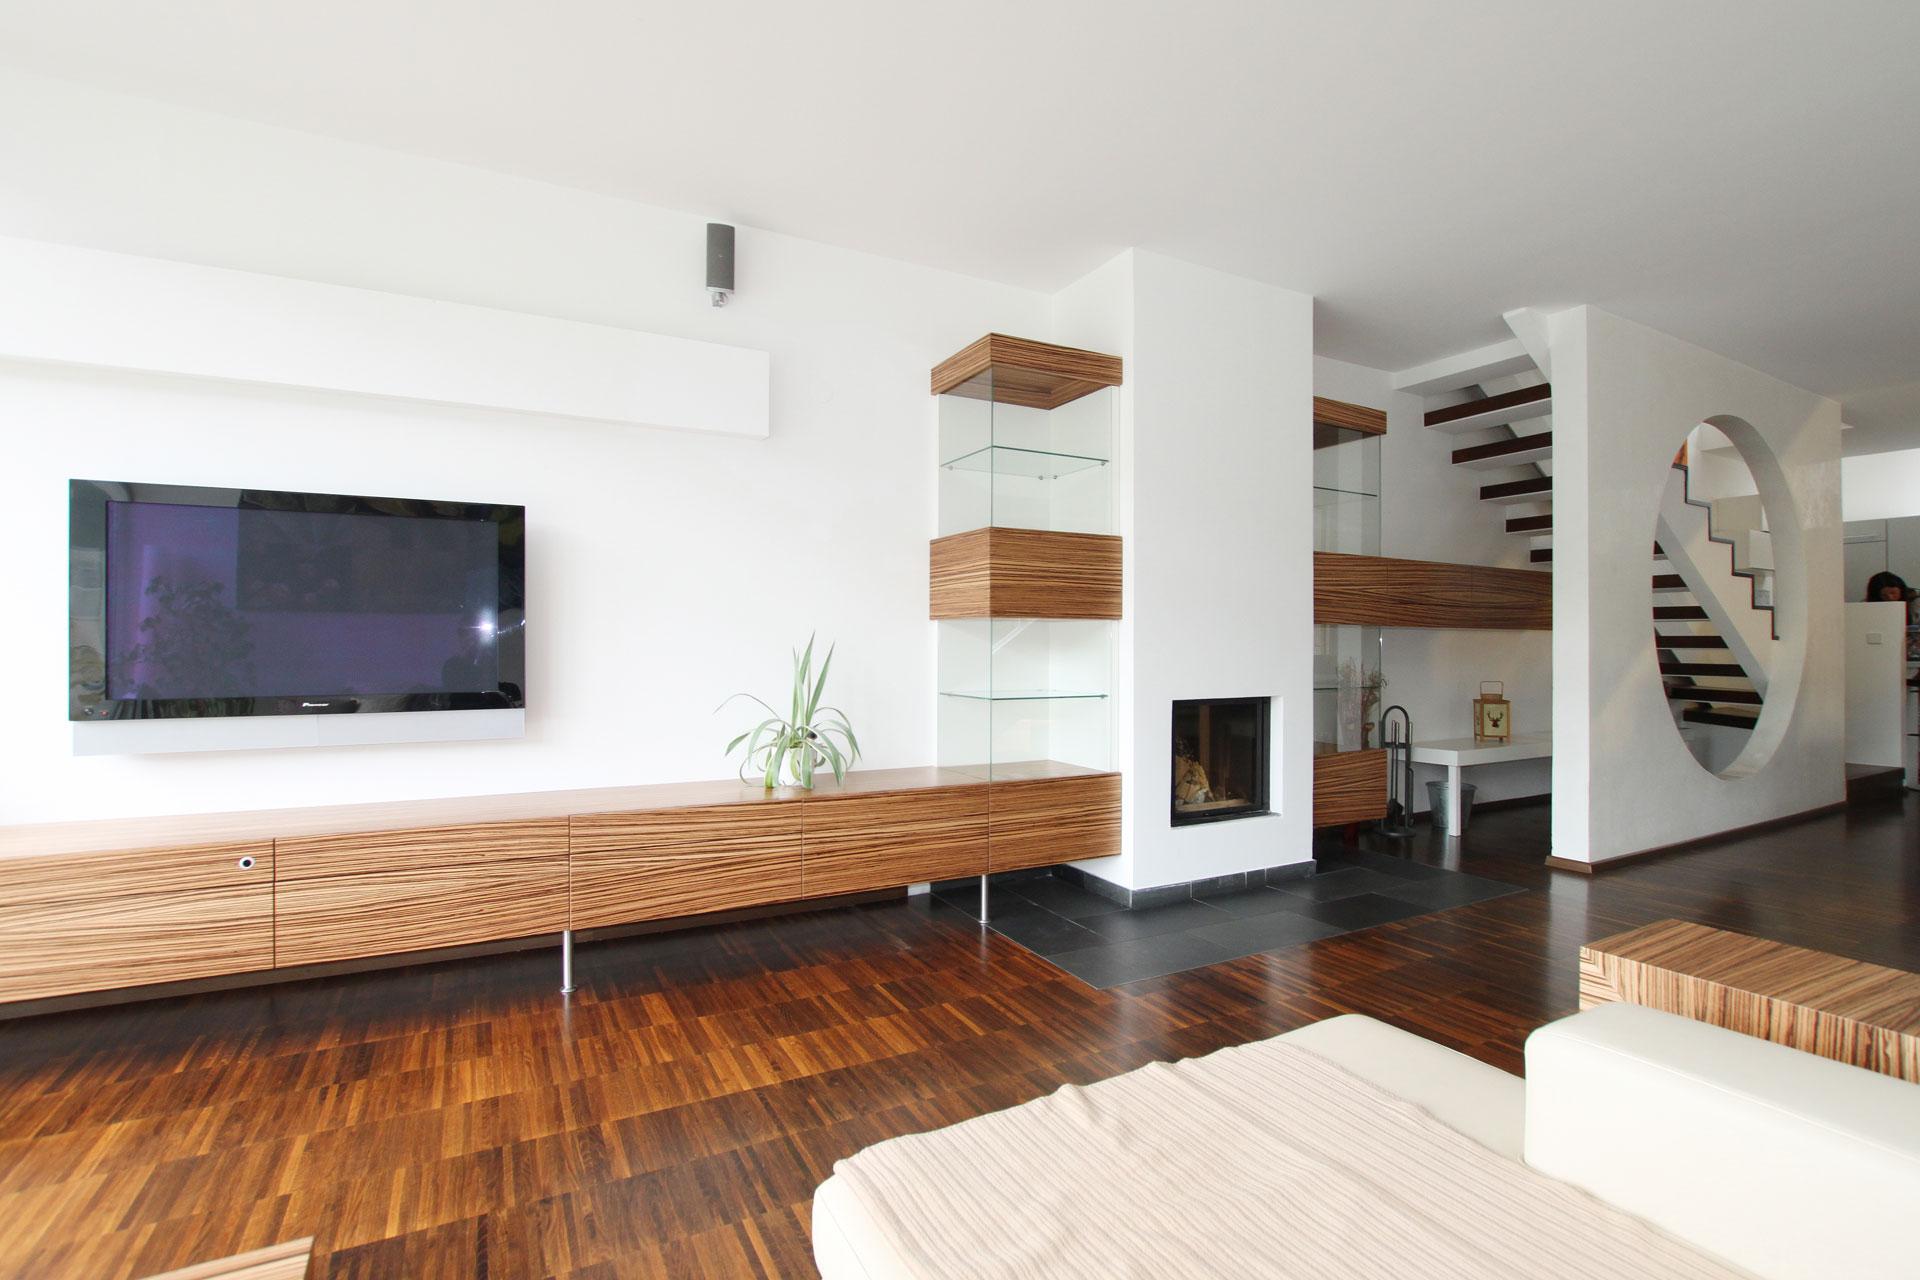 Trup - Design for Living | Trup Design for Living, Möbelbau, Wohnzimmer